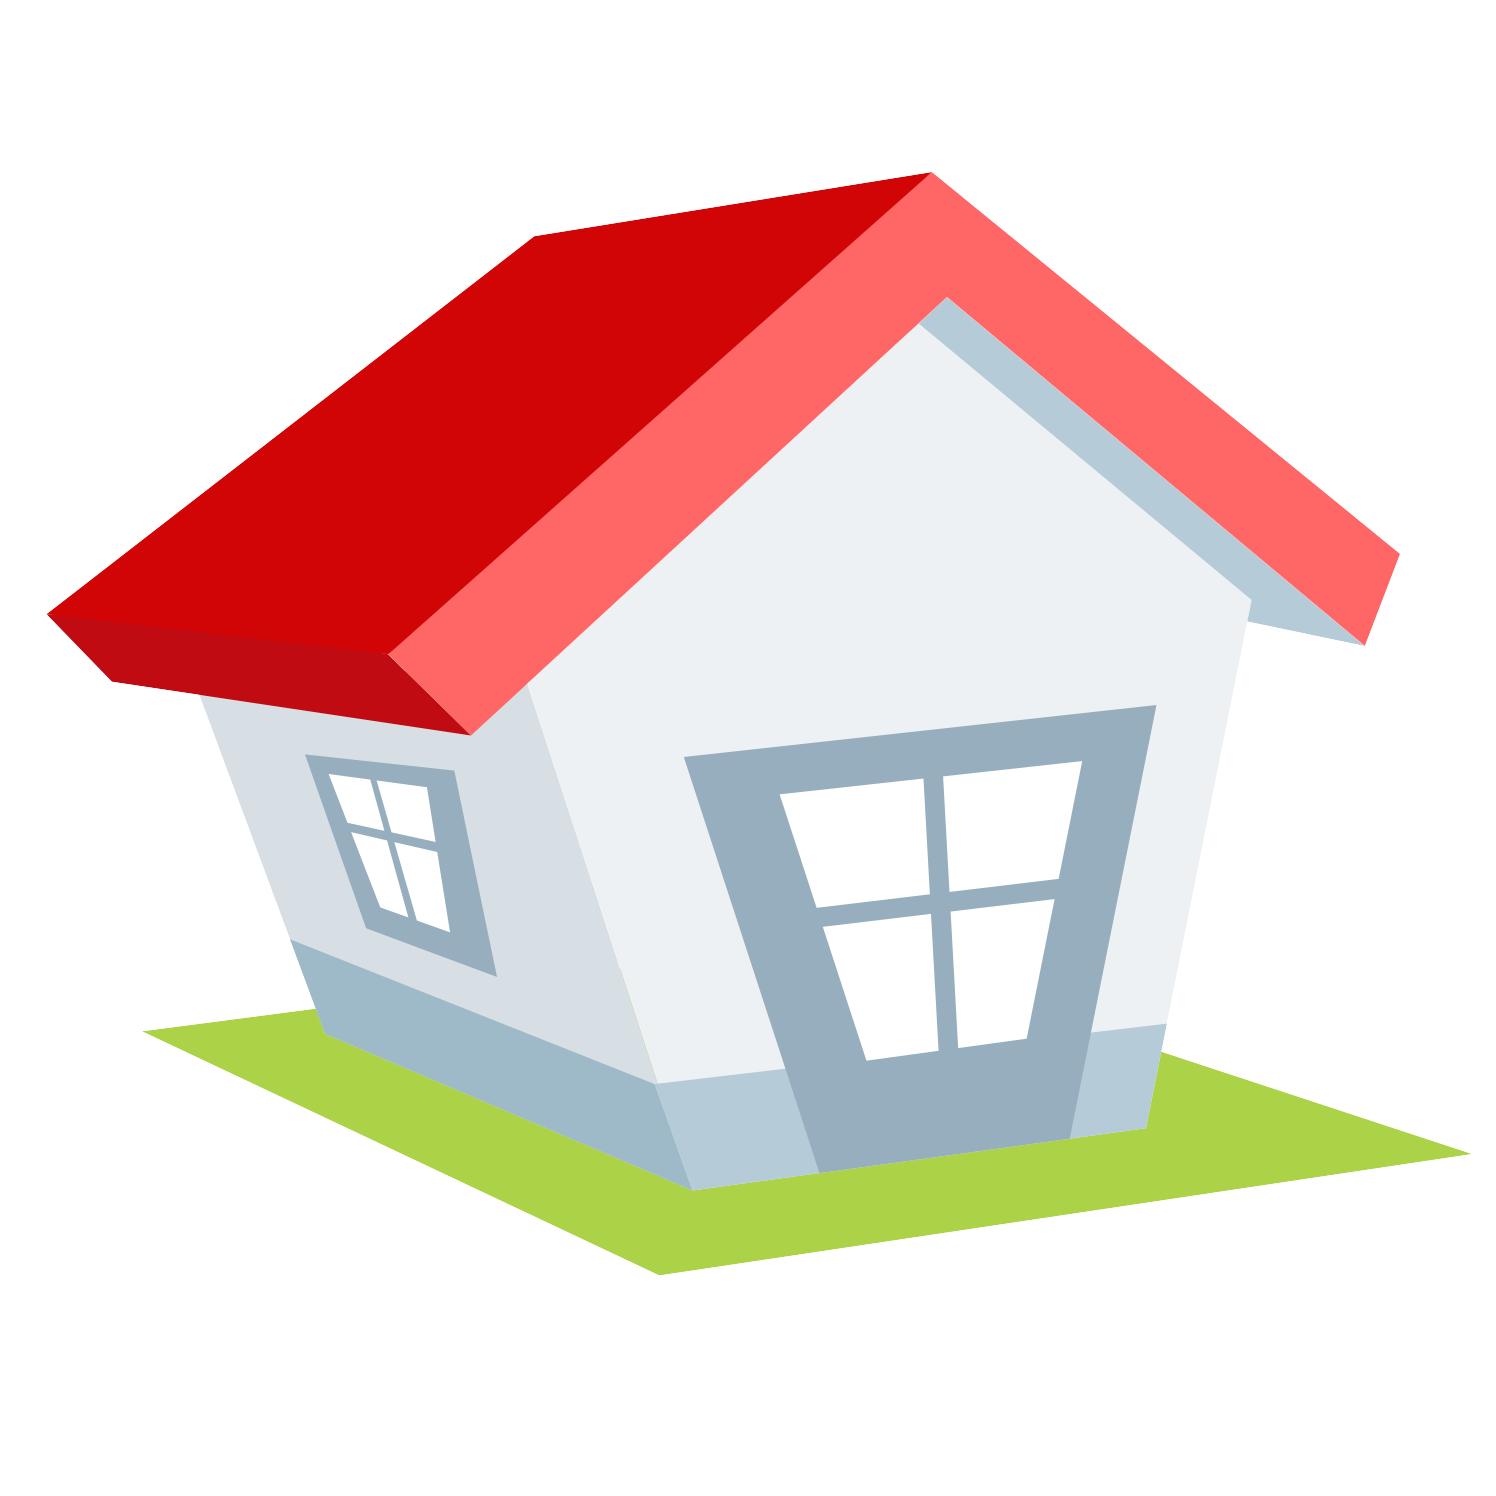 1496x1496 Vector For Free Use Cartoon House, Cartoon Home